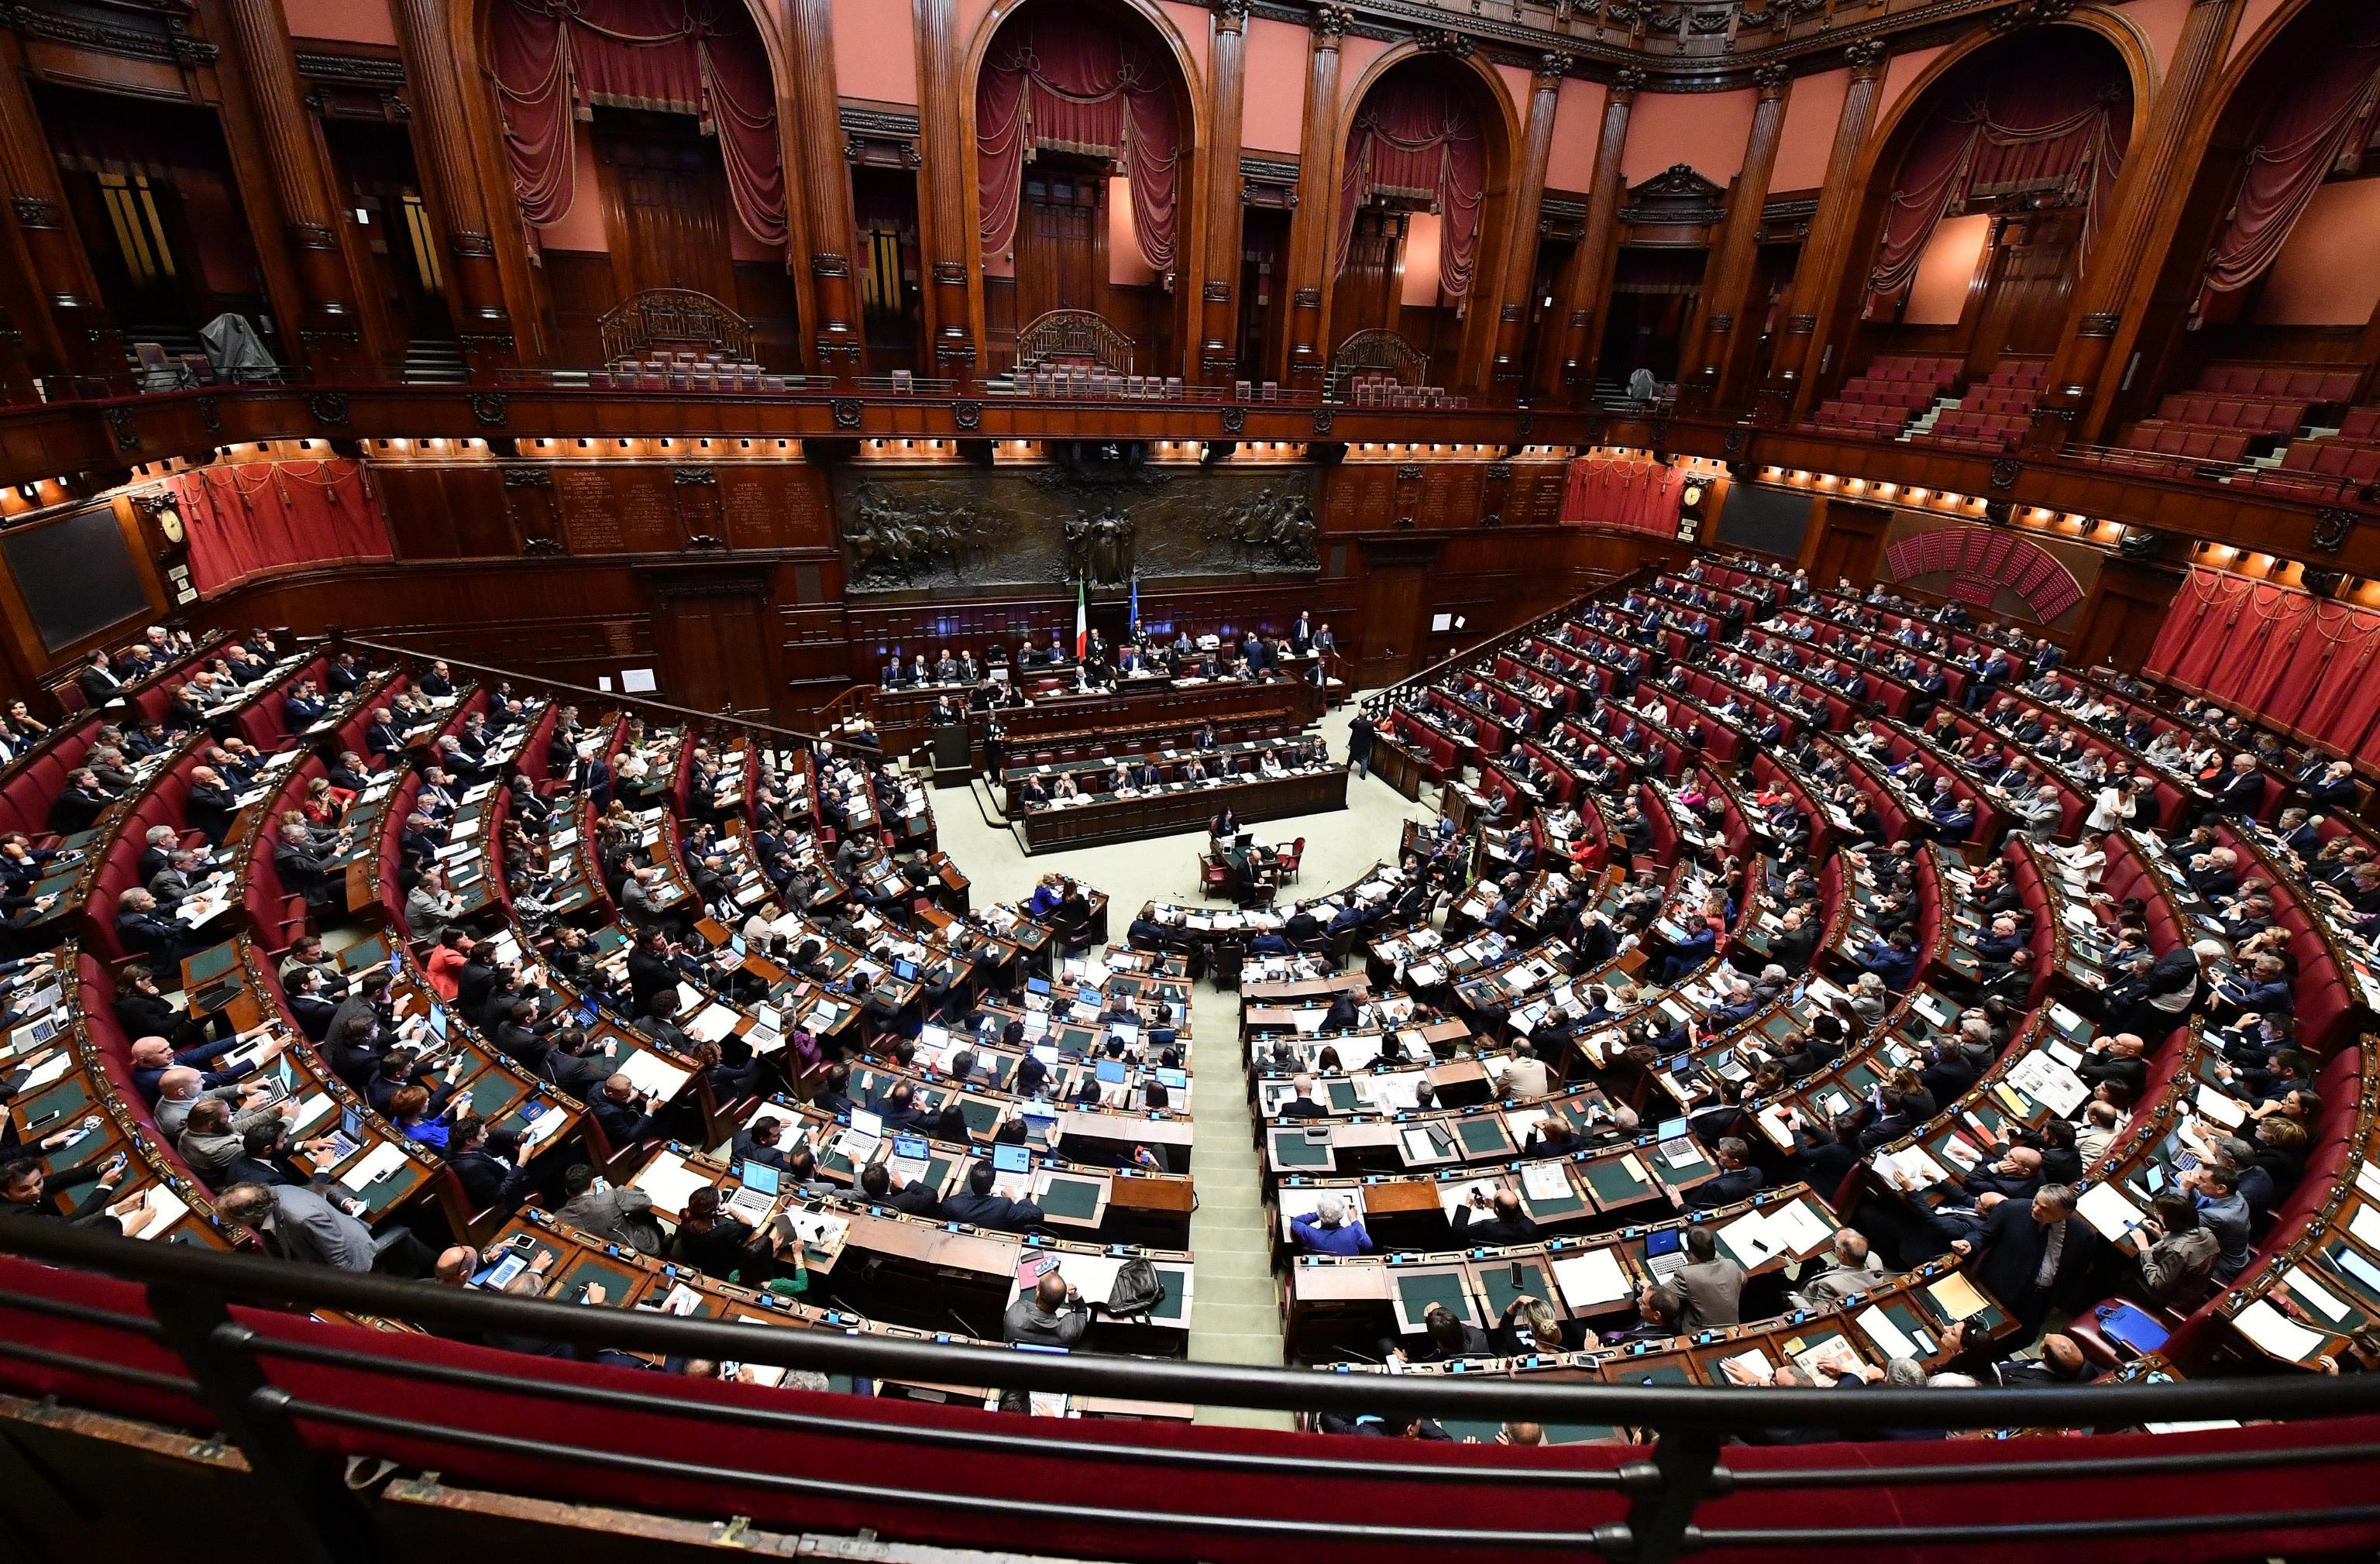 In Edicola sul Fatto Quotidiano del 15 ottobre: Ecco il trucco del Fascistellum: nominati tutti i parlamentari